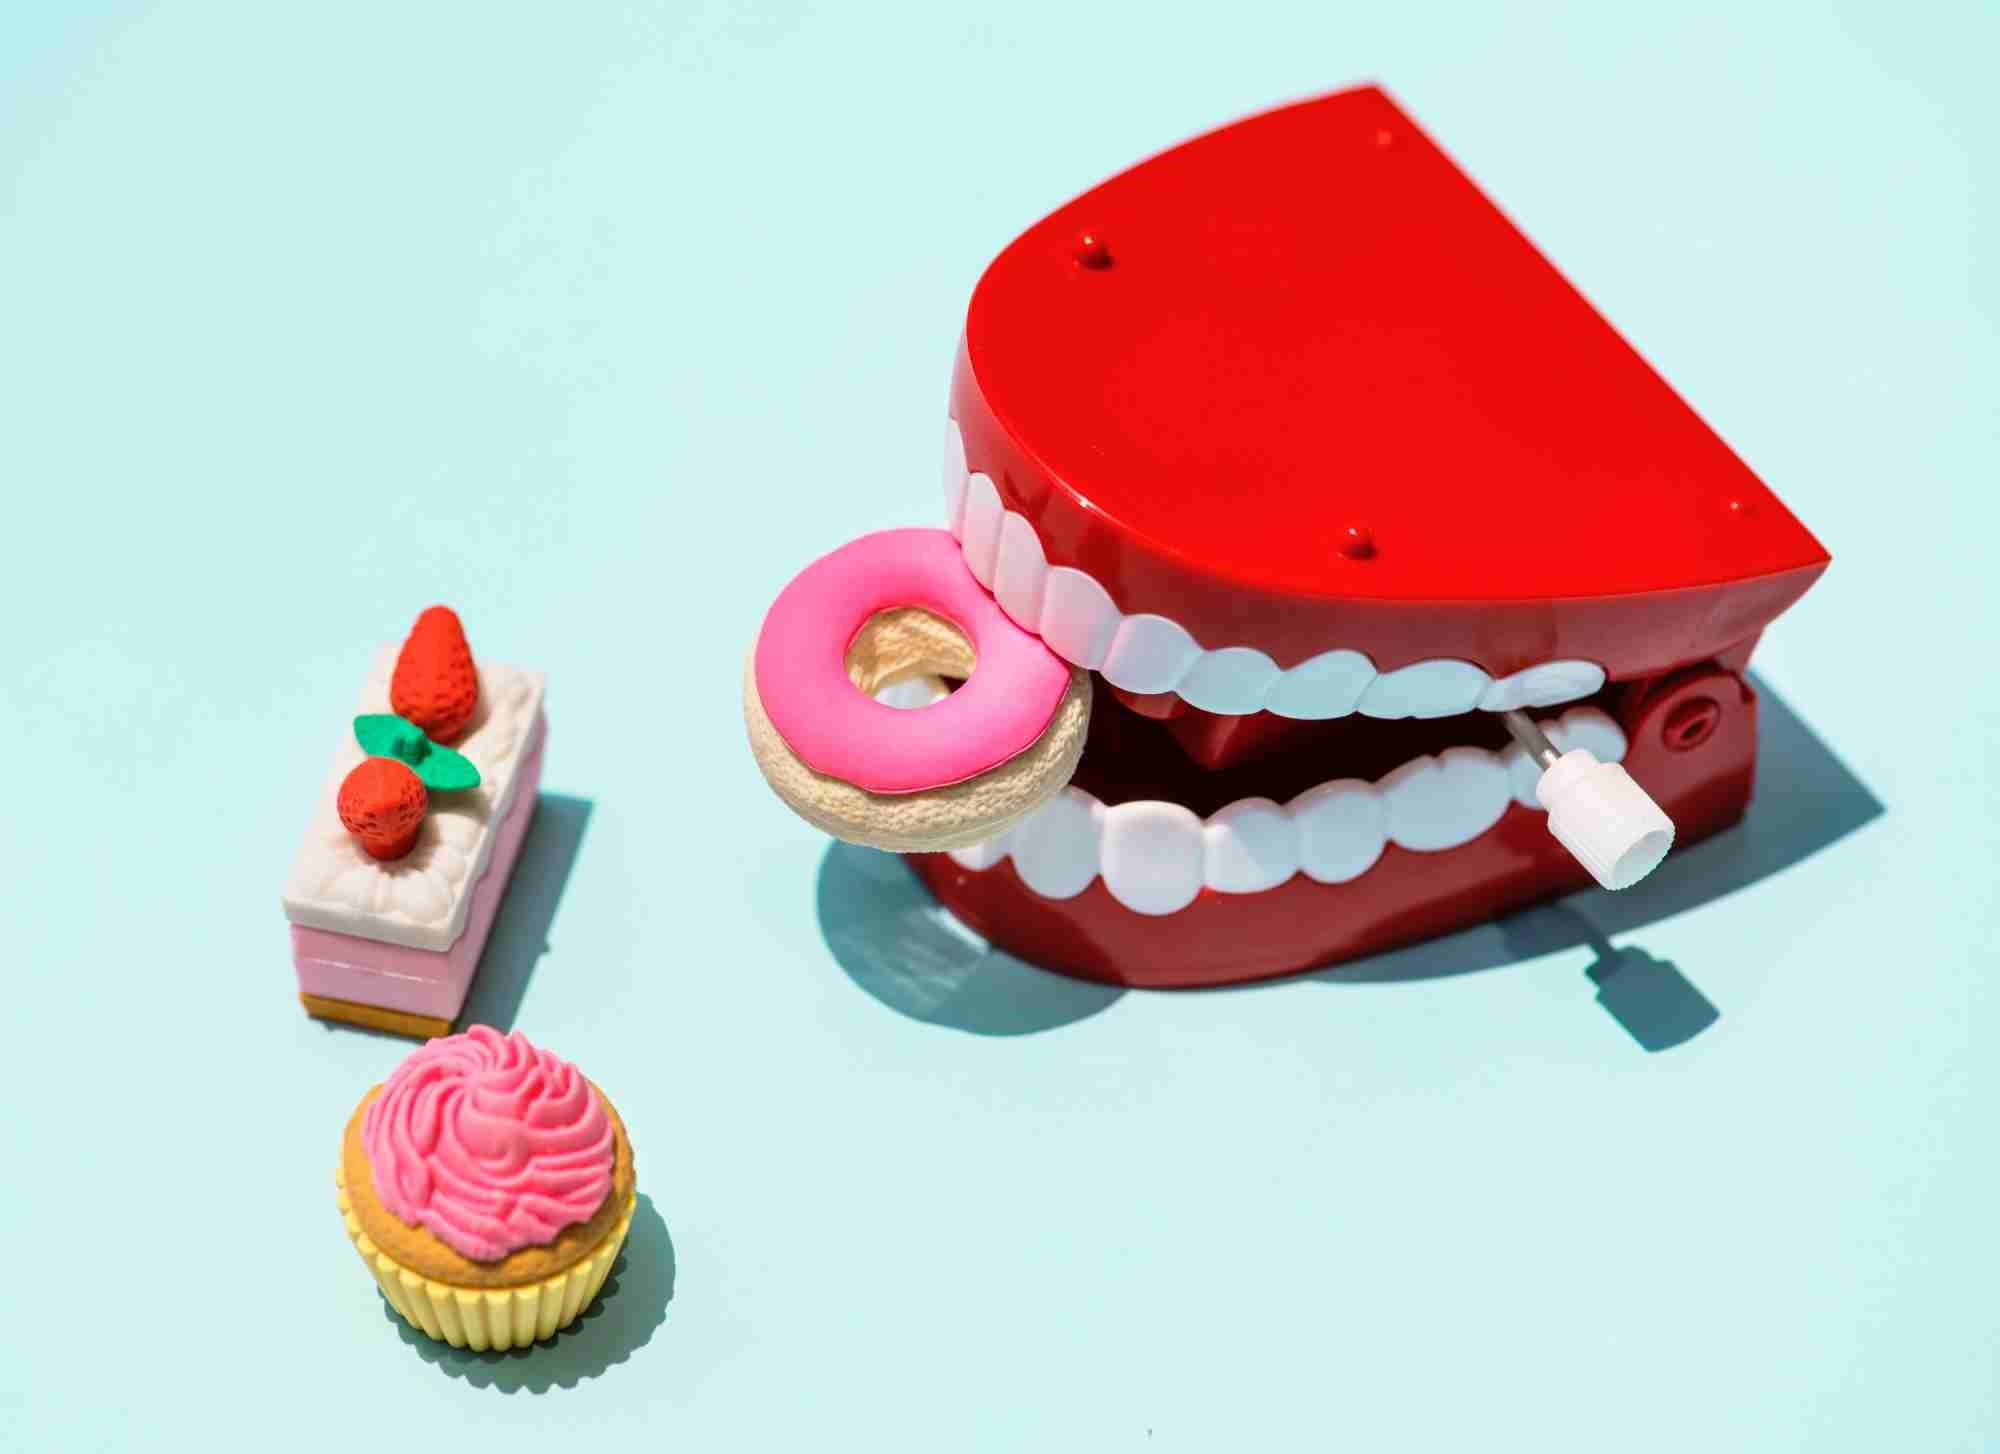 Dentadura plástica roja de juguete mordisqueando una rosquilla rosa, rodeada de una magdalena y un trozo de pastel.